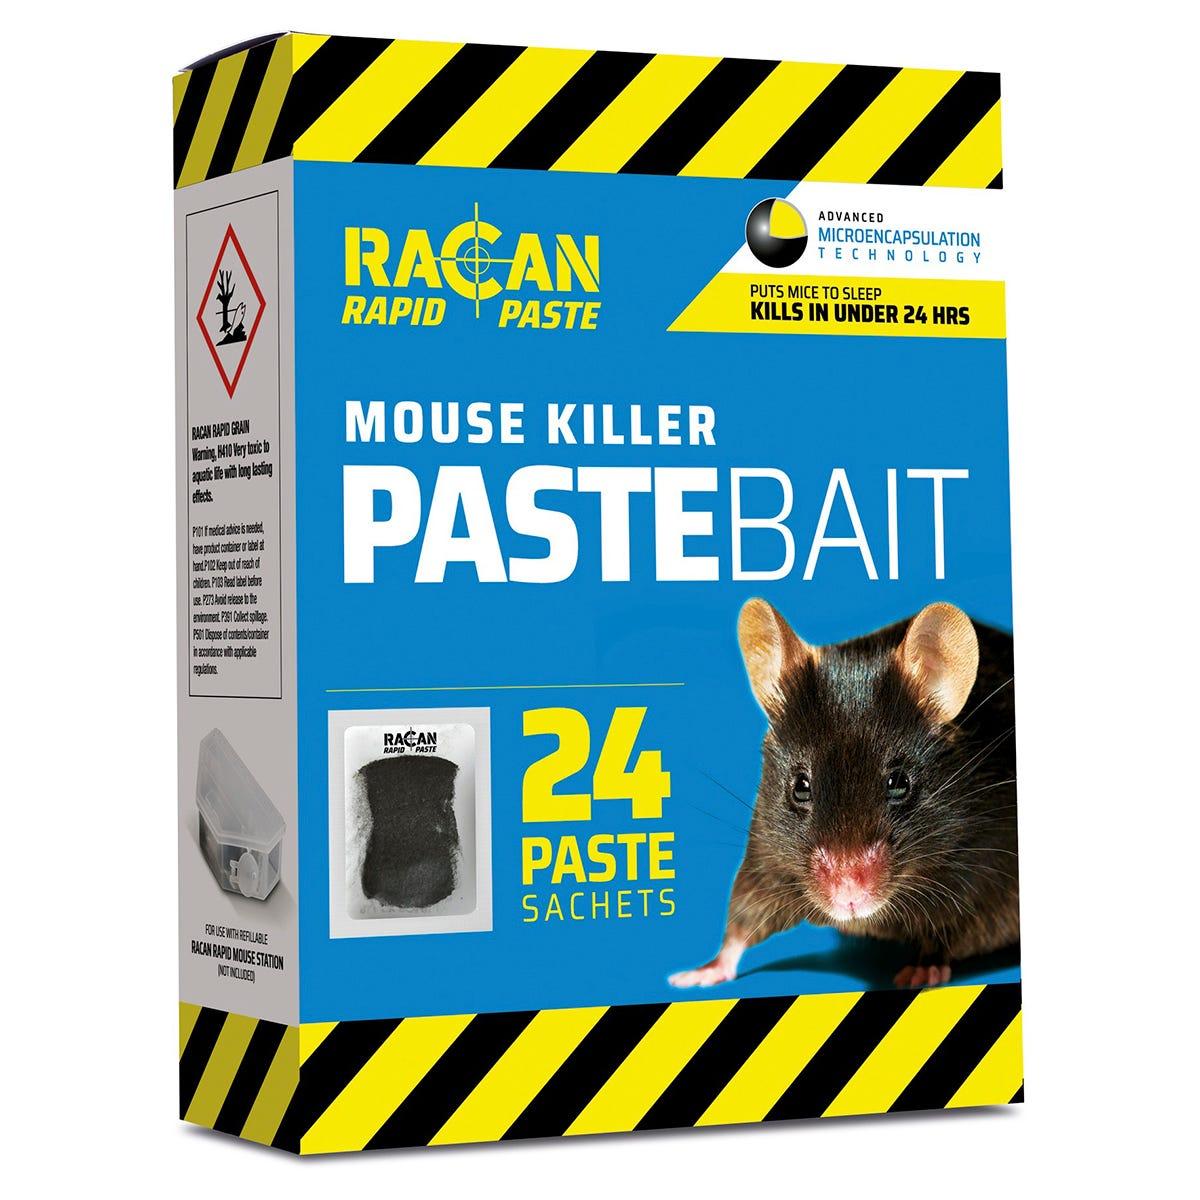 Racan Rapid Paste Bait Mouse Killer Sachets - 24 x 10g